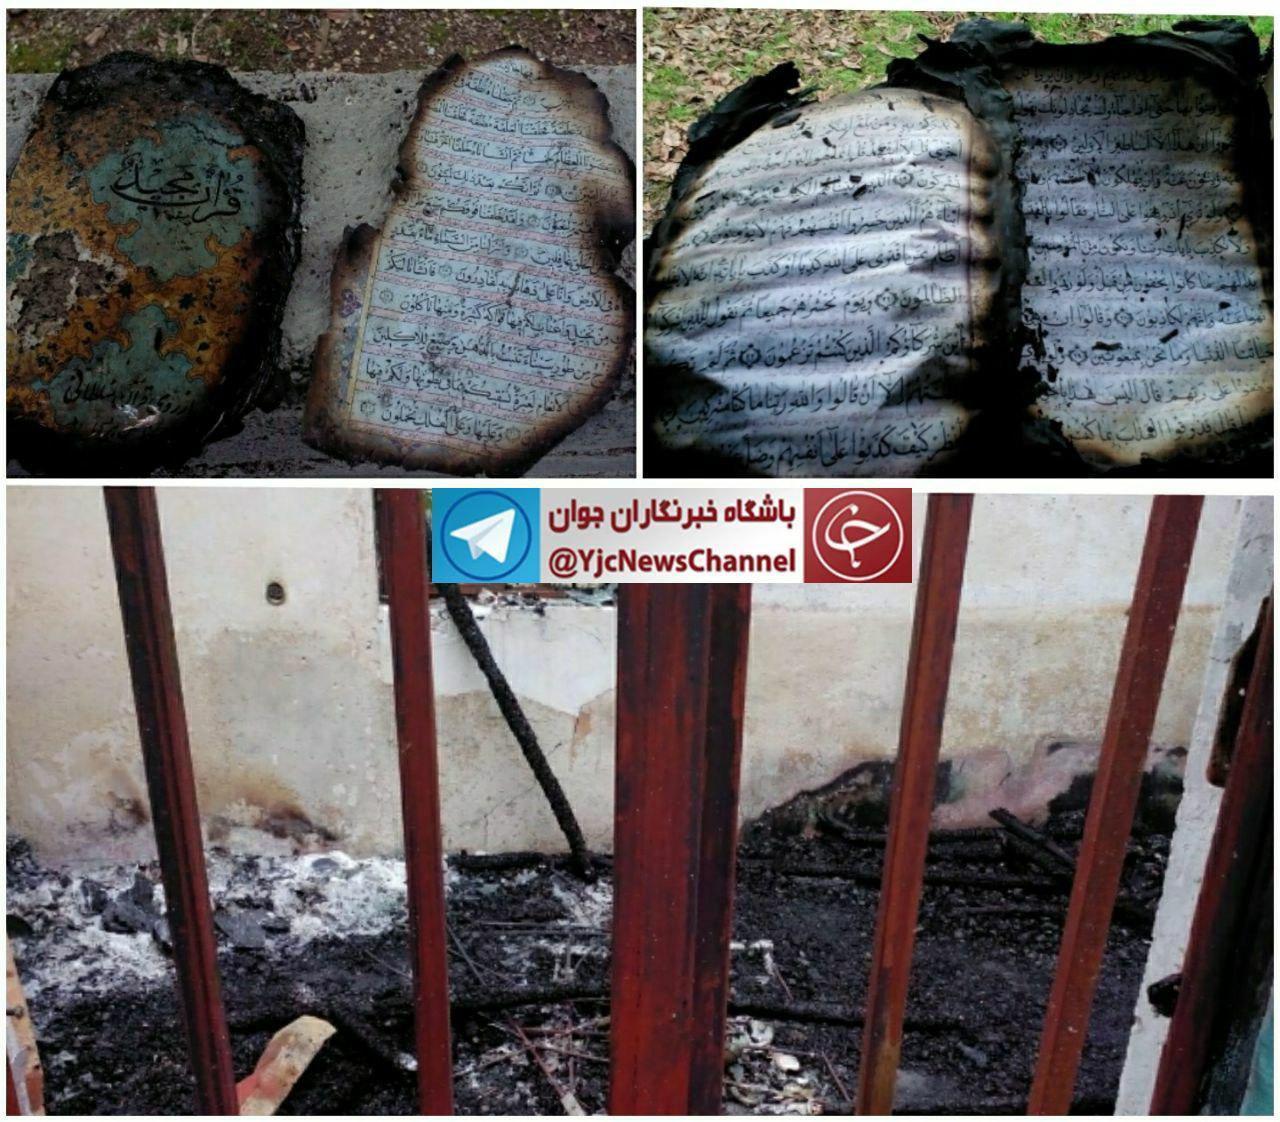 حمله اغتشاش گران به آستان مبارکه سه امامزاده در مازندران + تصویر